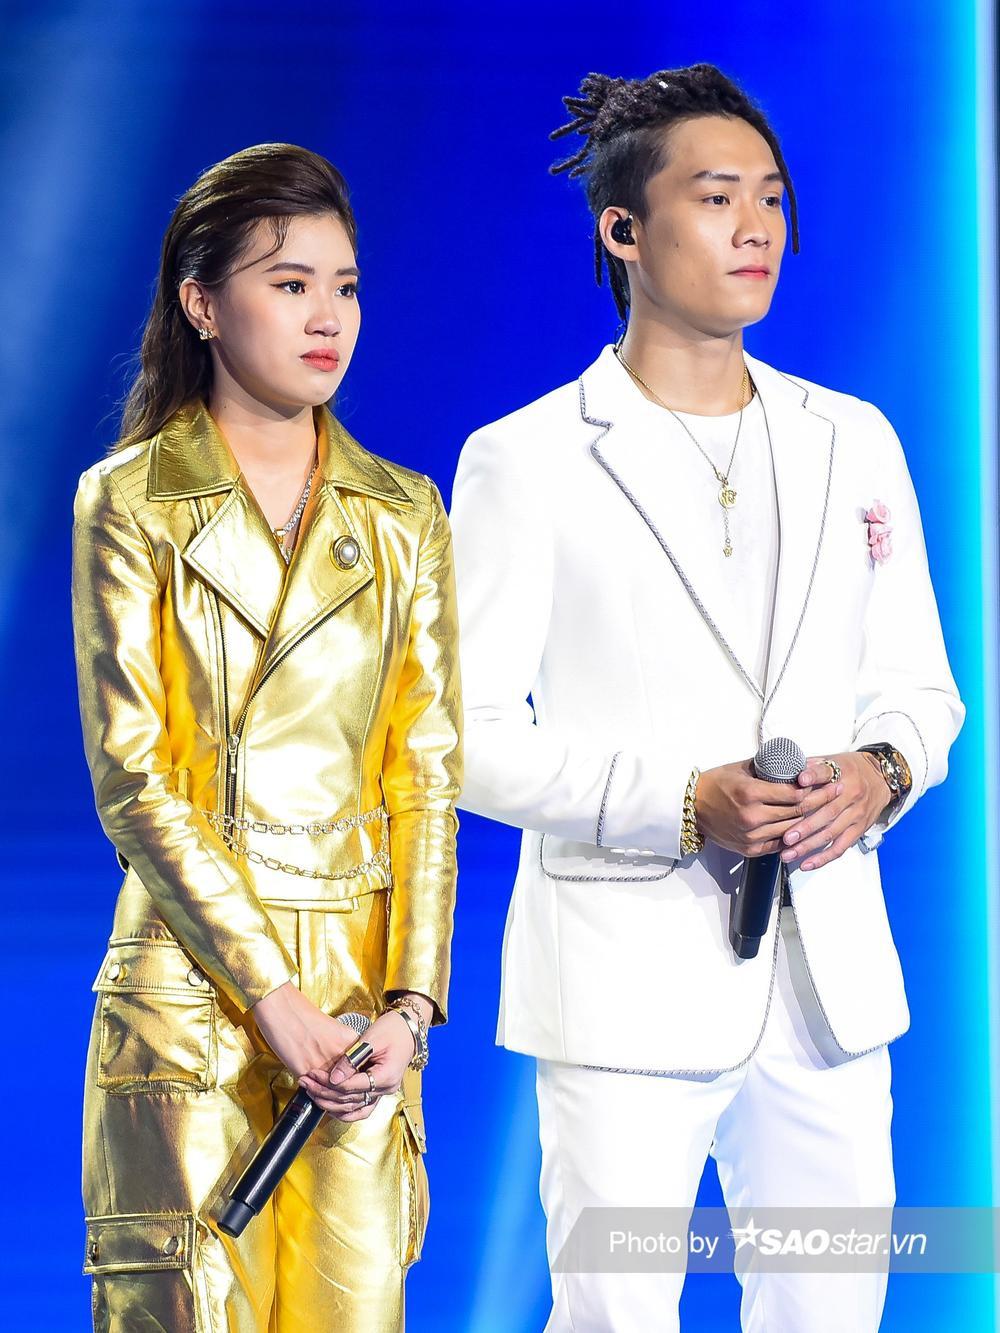 King Of Rap: 'Trai ngầu' Dablo để lại dấu ấn cảm xúc, khiến LK nén nước mắt, Pháo khóc ròng Ảnh 14